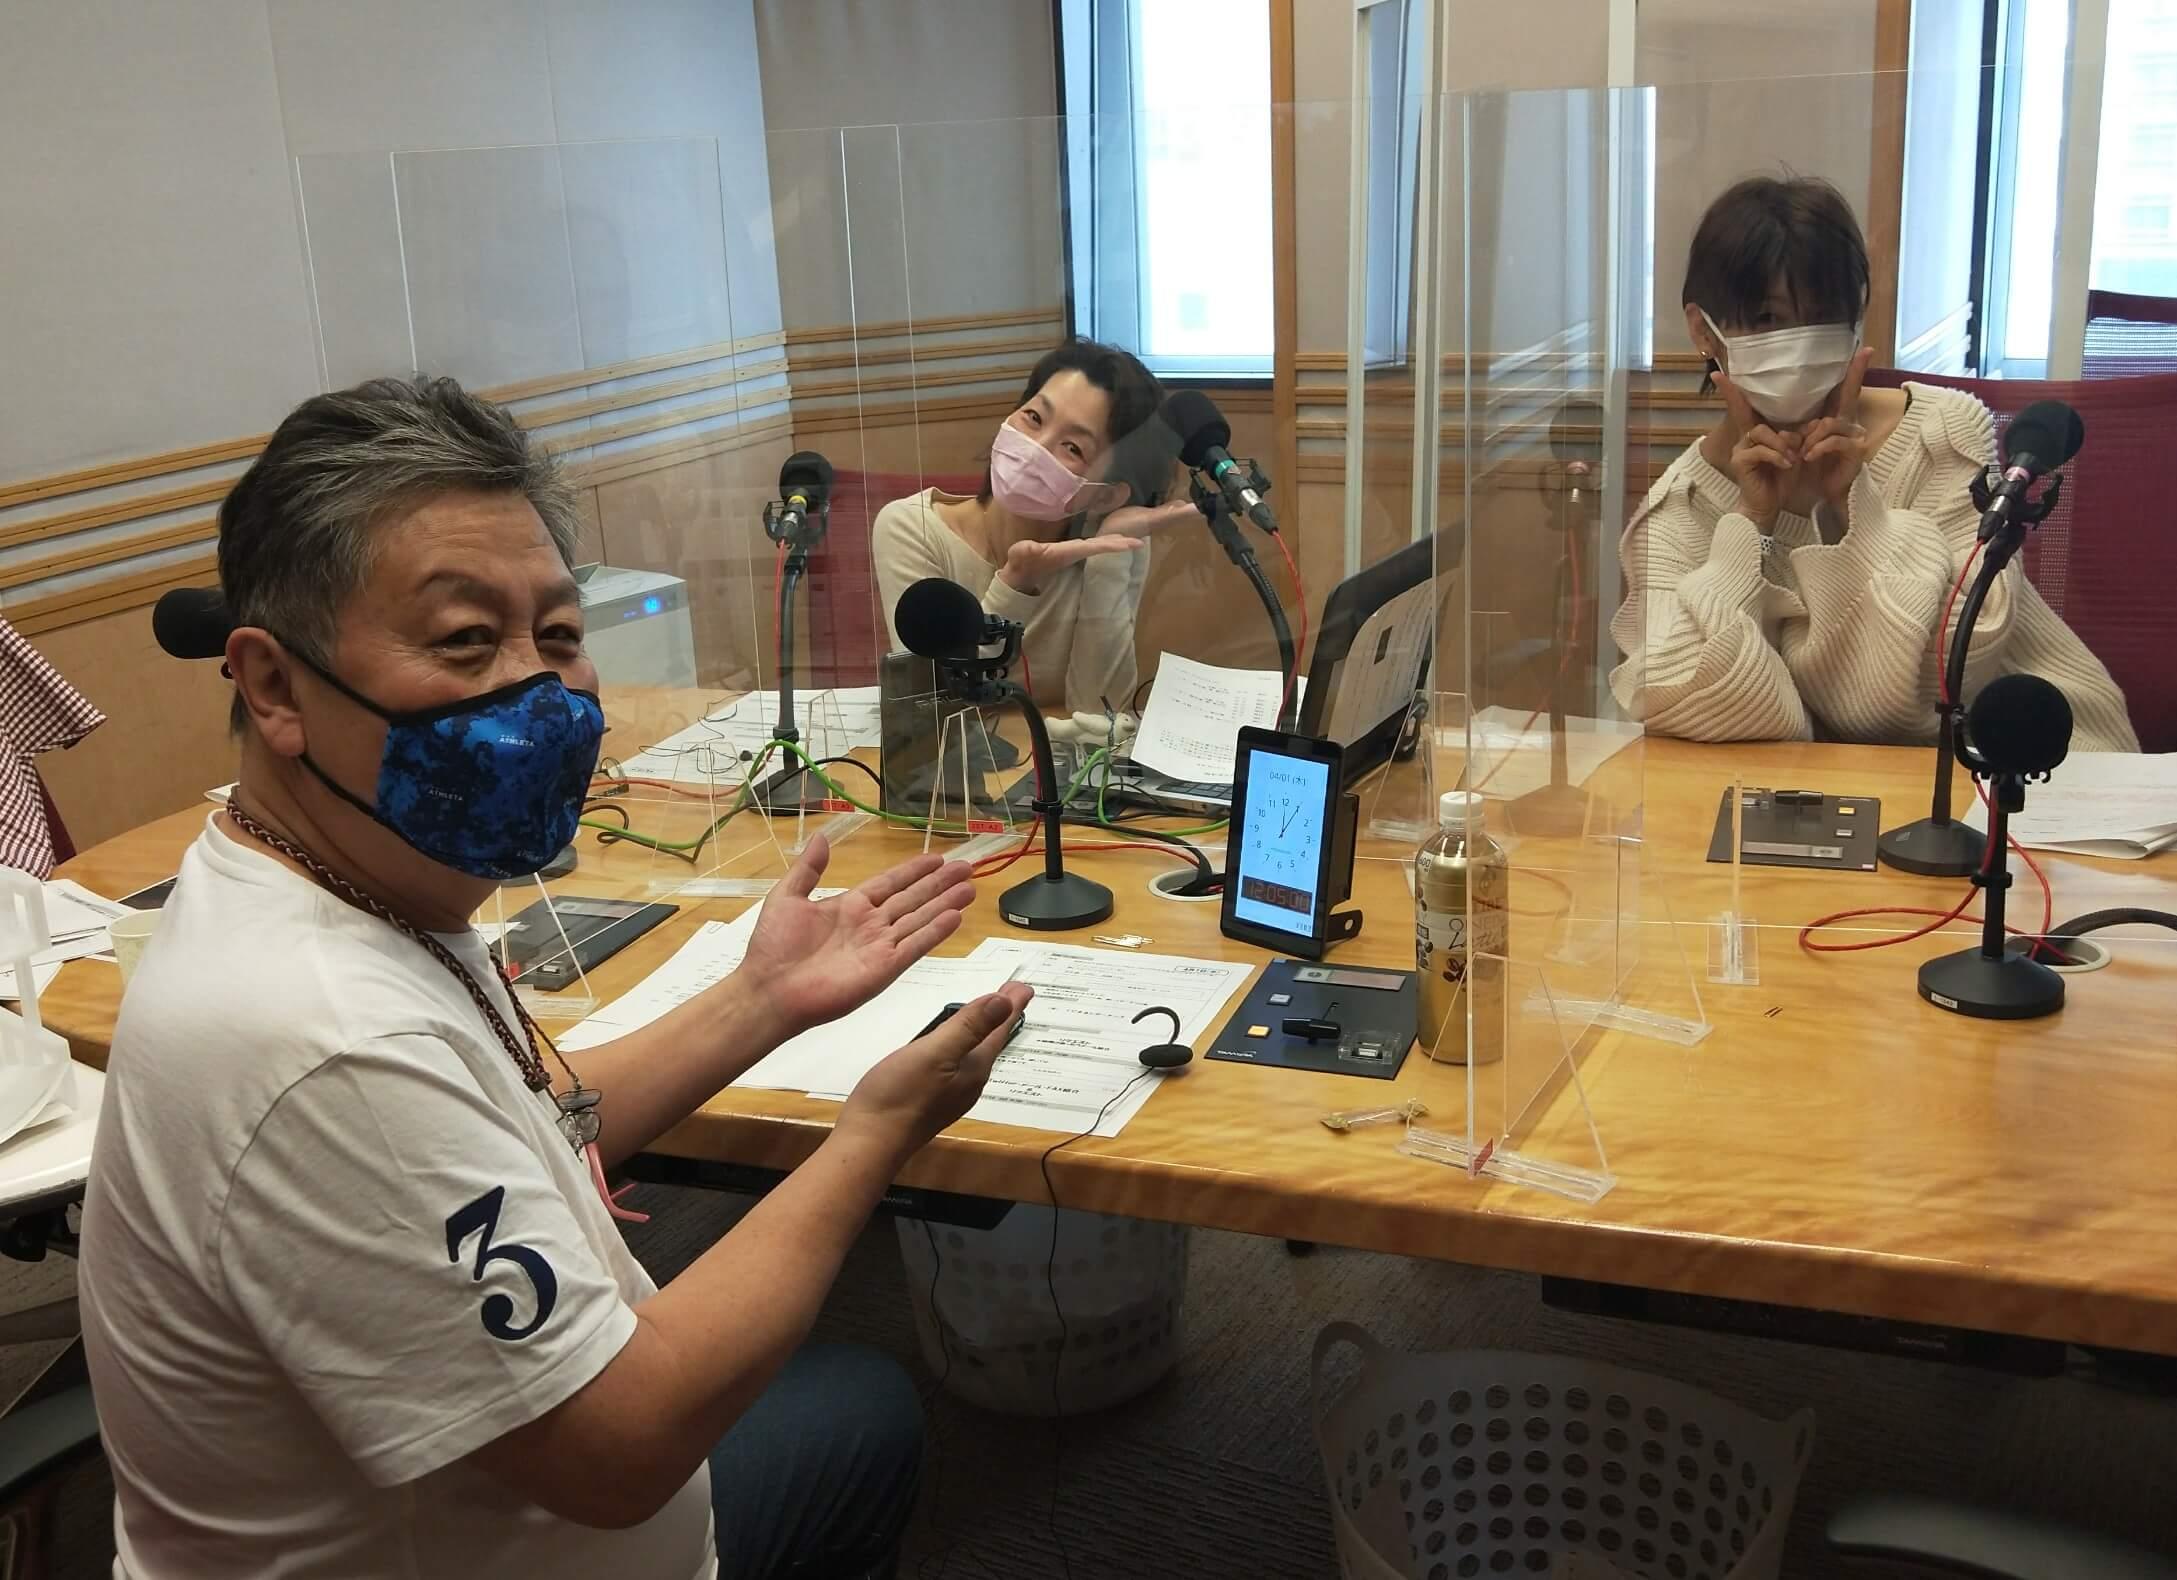 『くにまるジャパン極・くにまるレポーターズ』4月1日(木)のお客様:河合薫さん